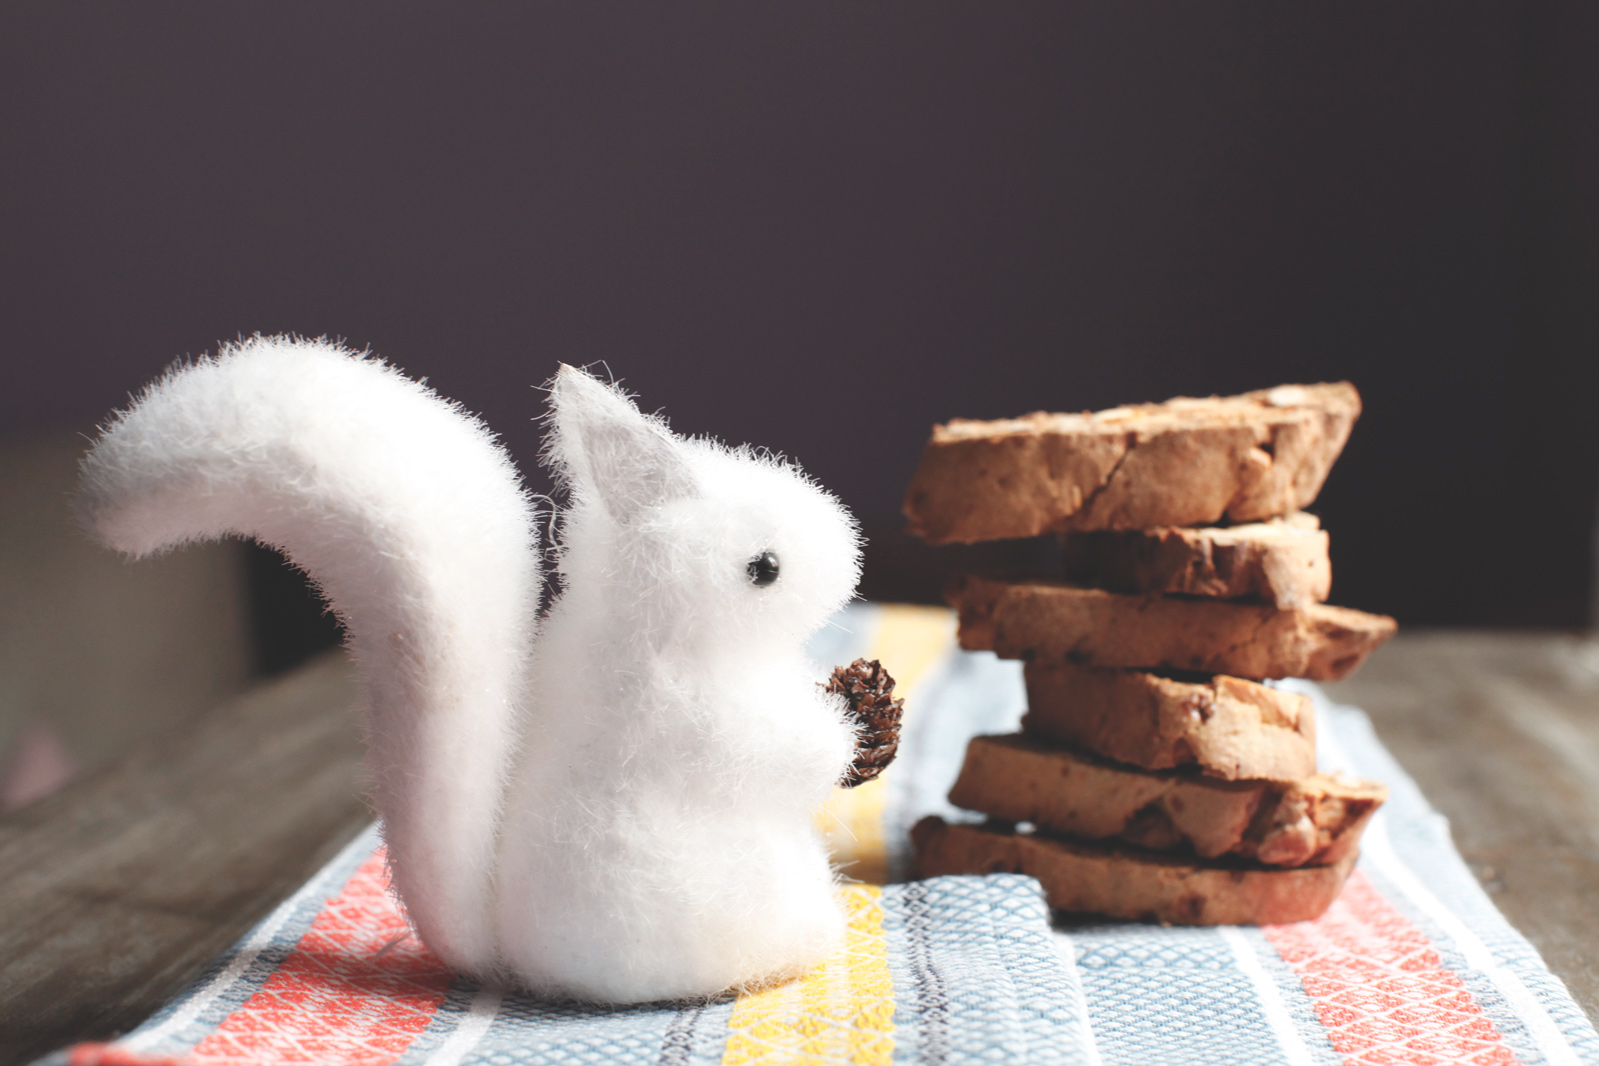 pici-e-castagne-biscotti-mandorle-3